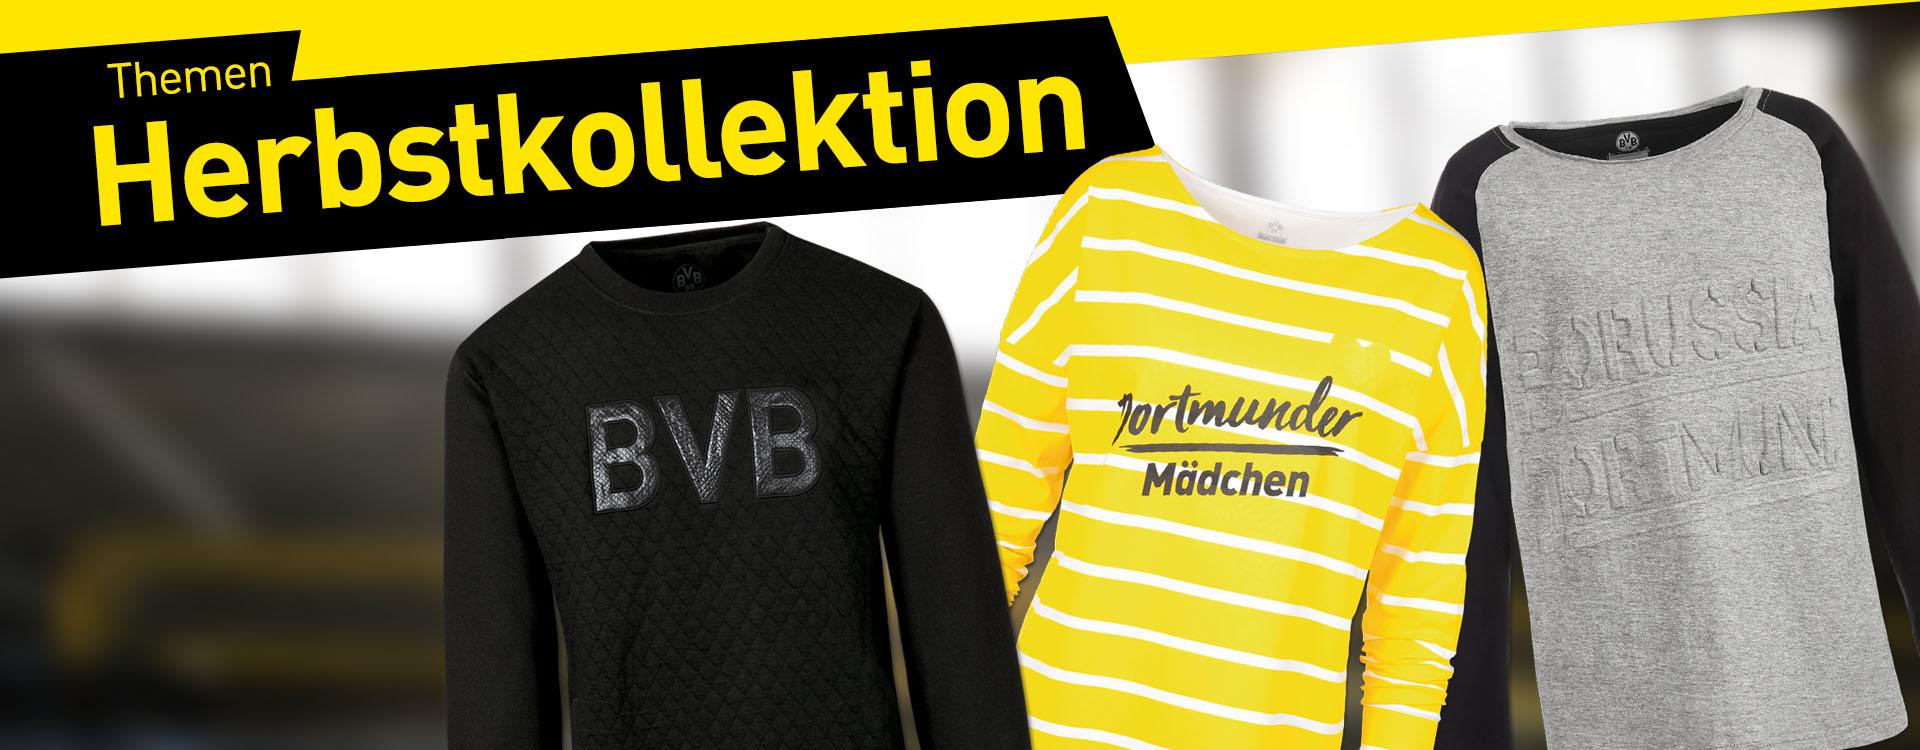 Onlineshop-Kategorieb-hnen-Desktop-1920x750px-Herbstkollektion